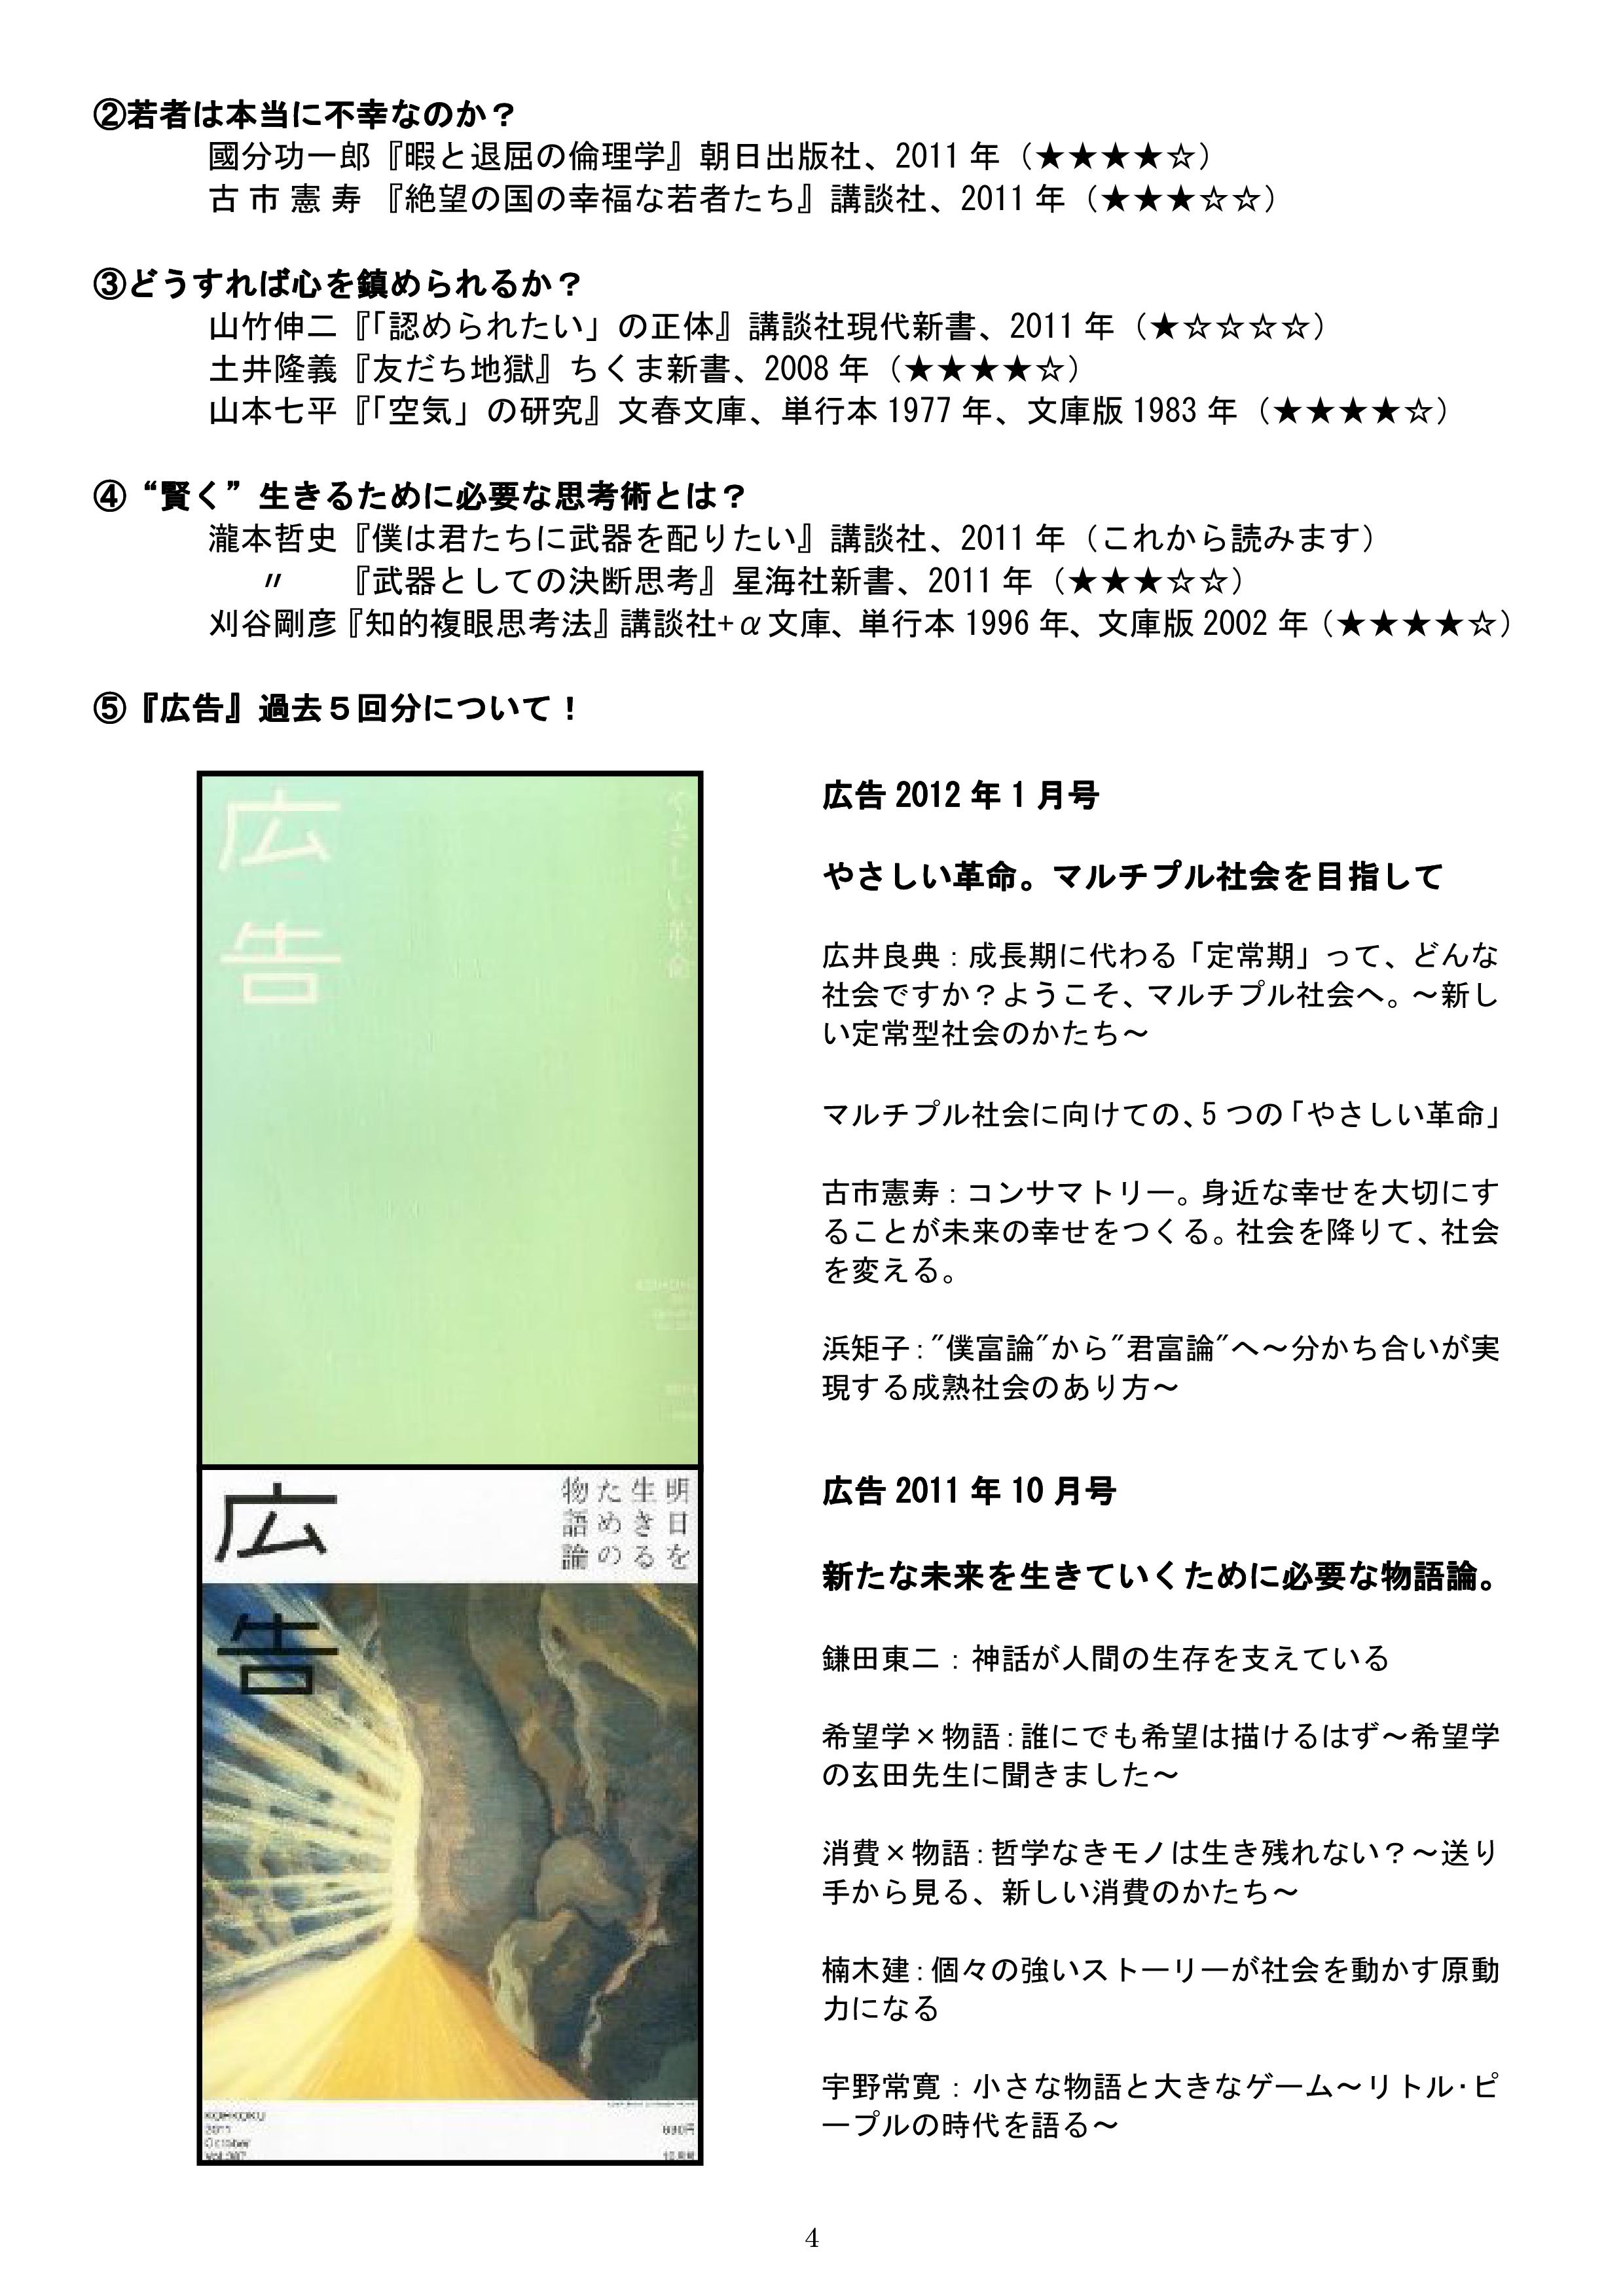 ブルータス&広告-003